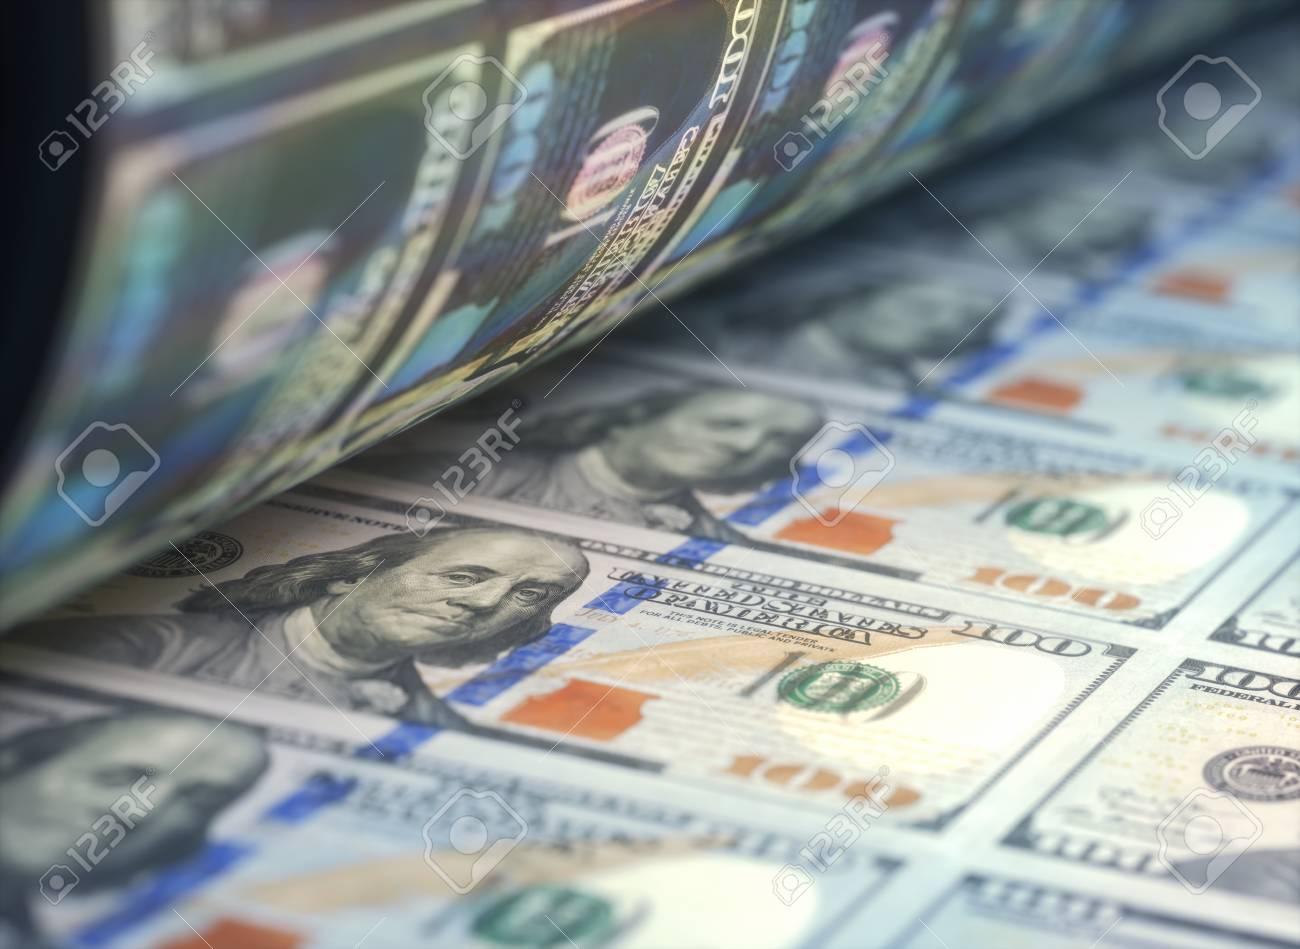 Printing US dollar bills